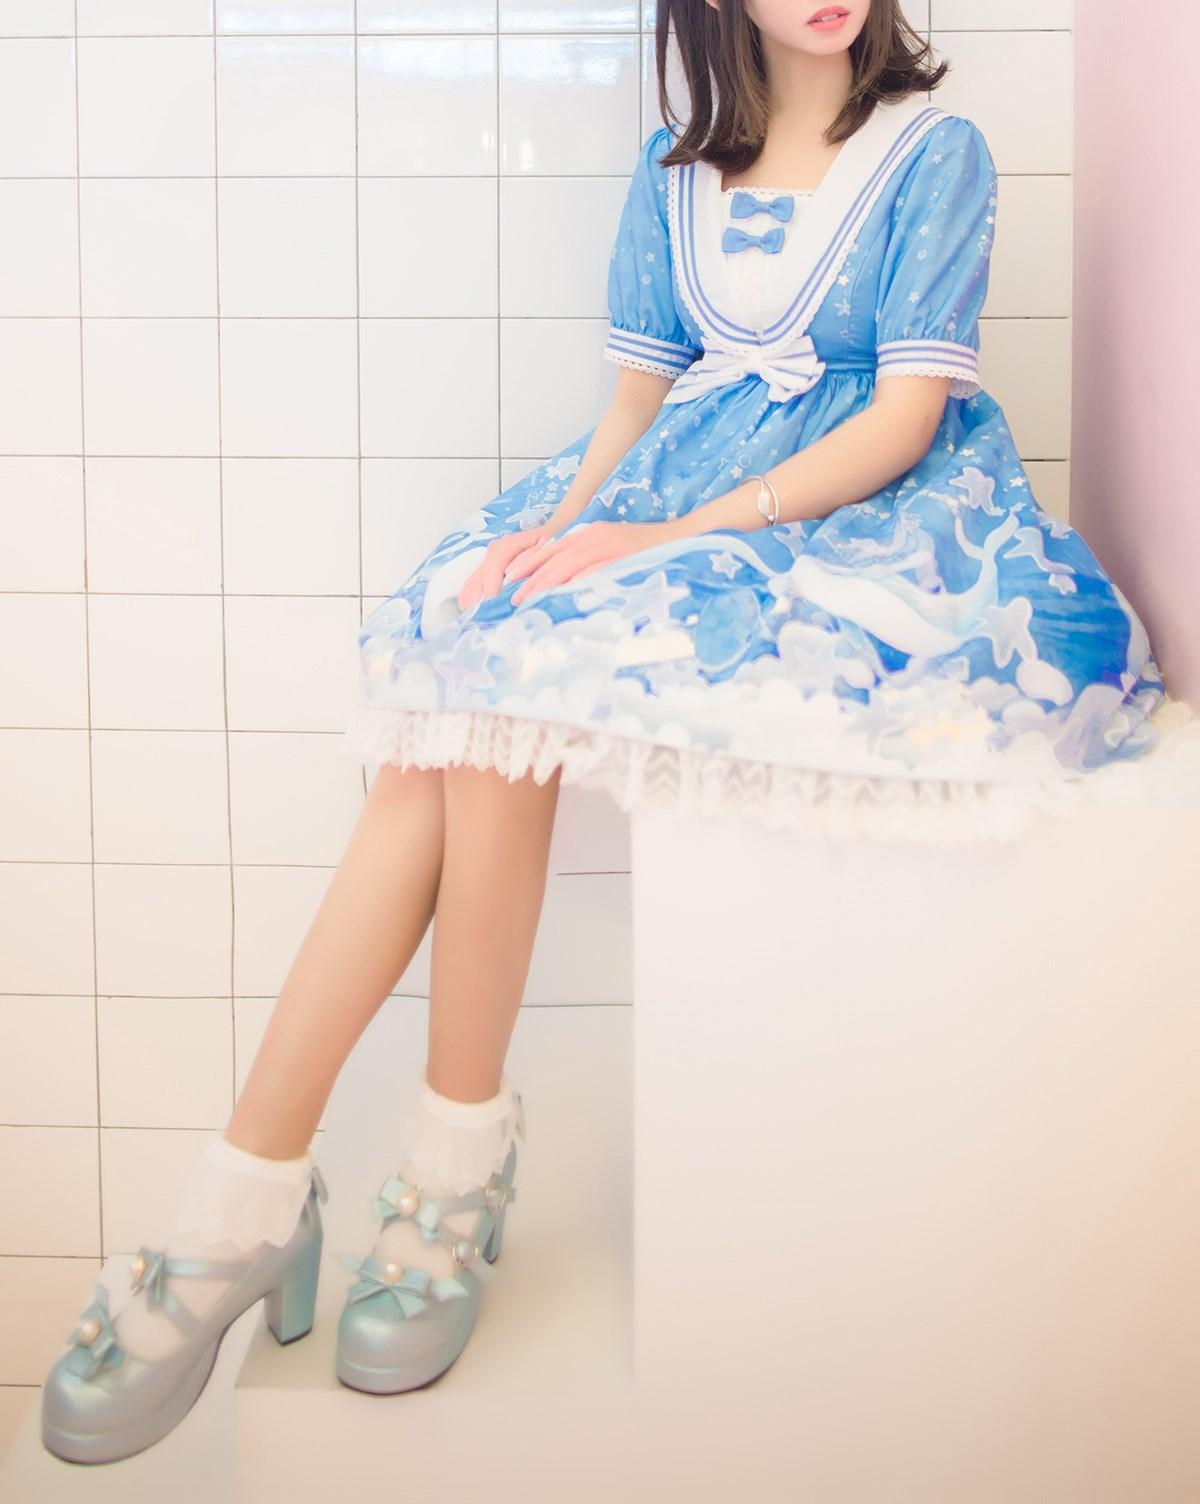 【兔玩映画】蓝色的LO娘 兔玩映画 第54张